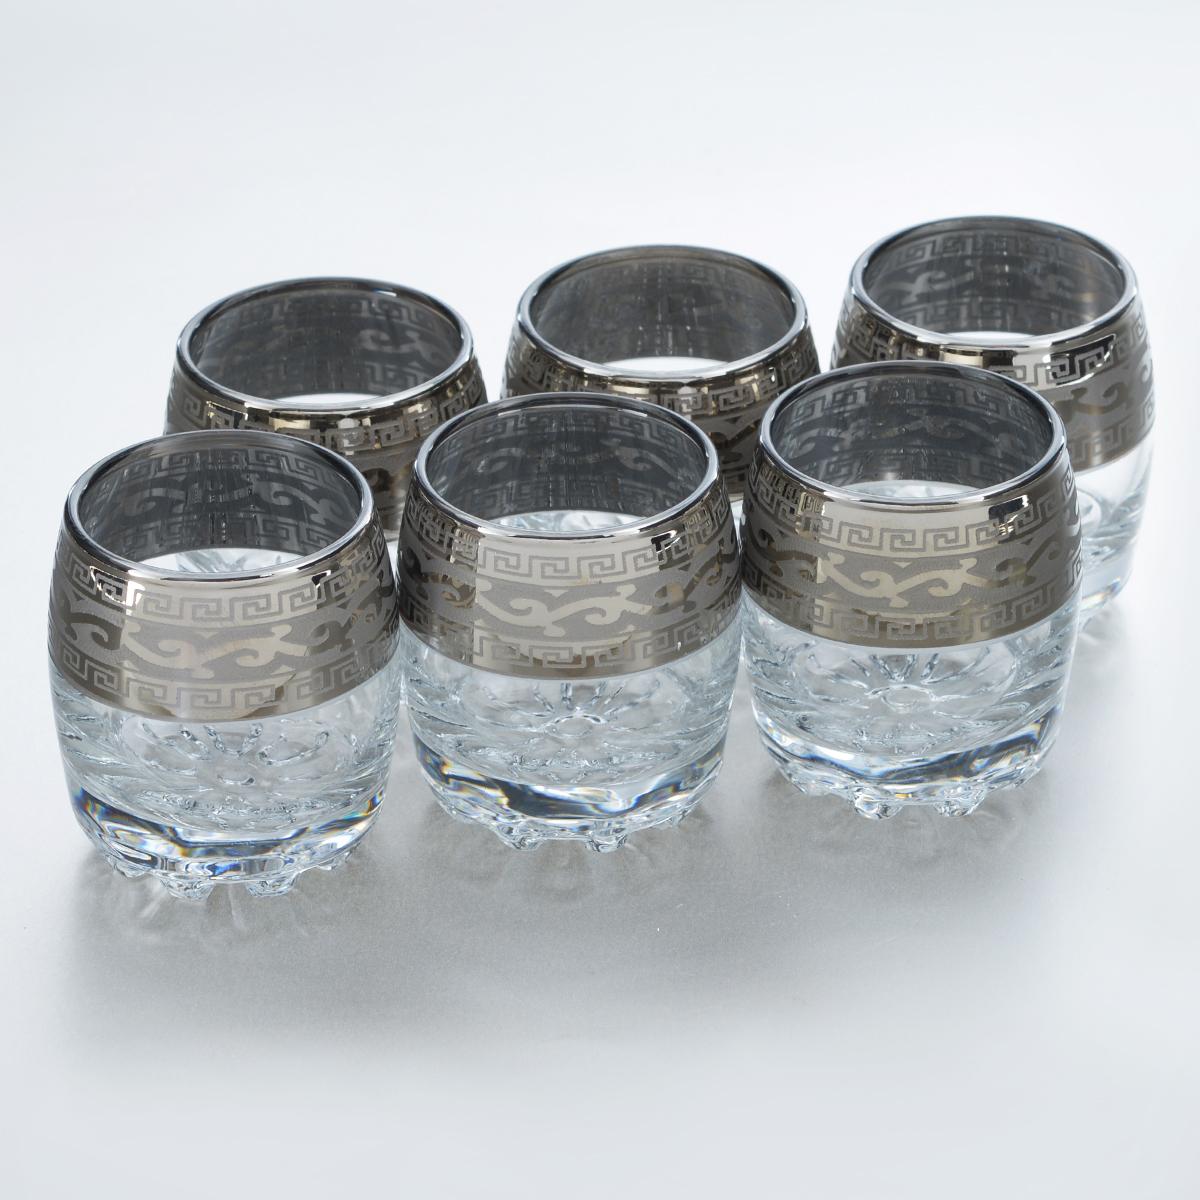 Набор стопок Гусь-Хрустальный Версаче, 60 мл, 6 штGE08-2244Набор Гусь-Хрустальный Версаче состоит из 6 стопок, изготовленных из высококачественного натрий-кальций-силикатного стекла. Изделия оформлены красивым зеркальным покрытием и оригинальным узором. Такой набор прекрасно дополнит праздничный стол и станет желанным подарком в любом доме. Можно мыть в посудомоечной машине. Диаметр стопки (по верхнему краю): 4,5 см. Высота стопки: 6 см.